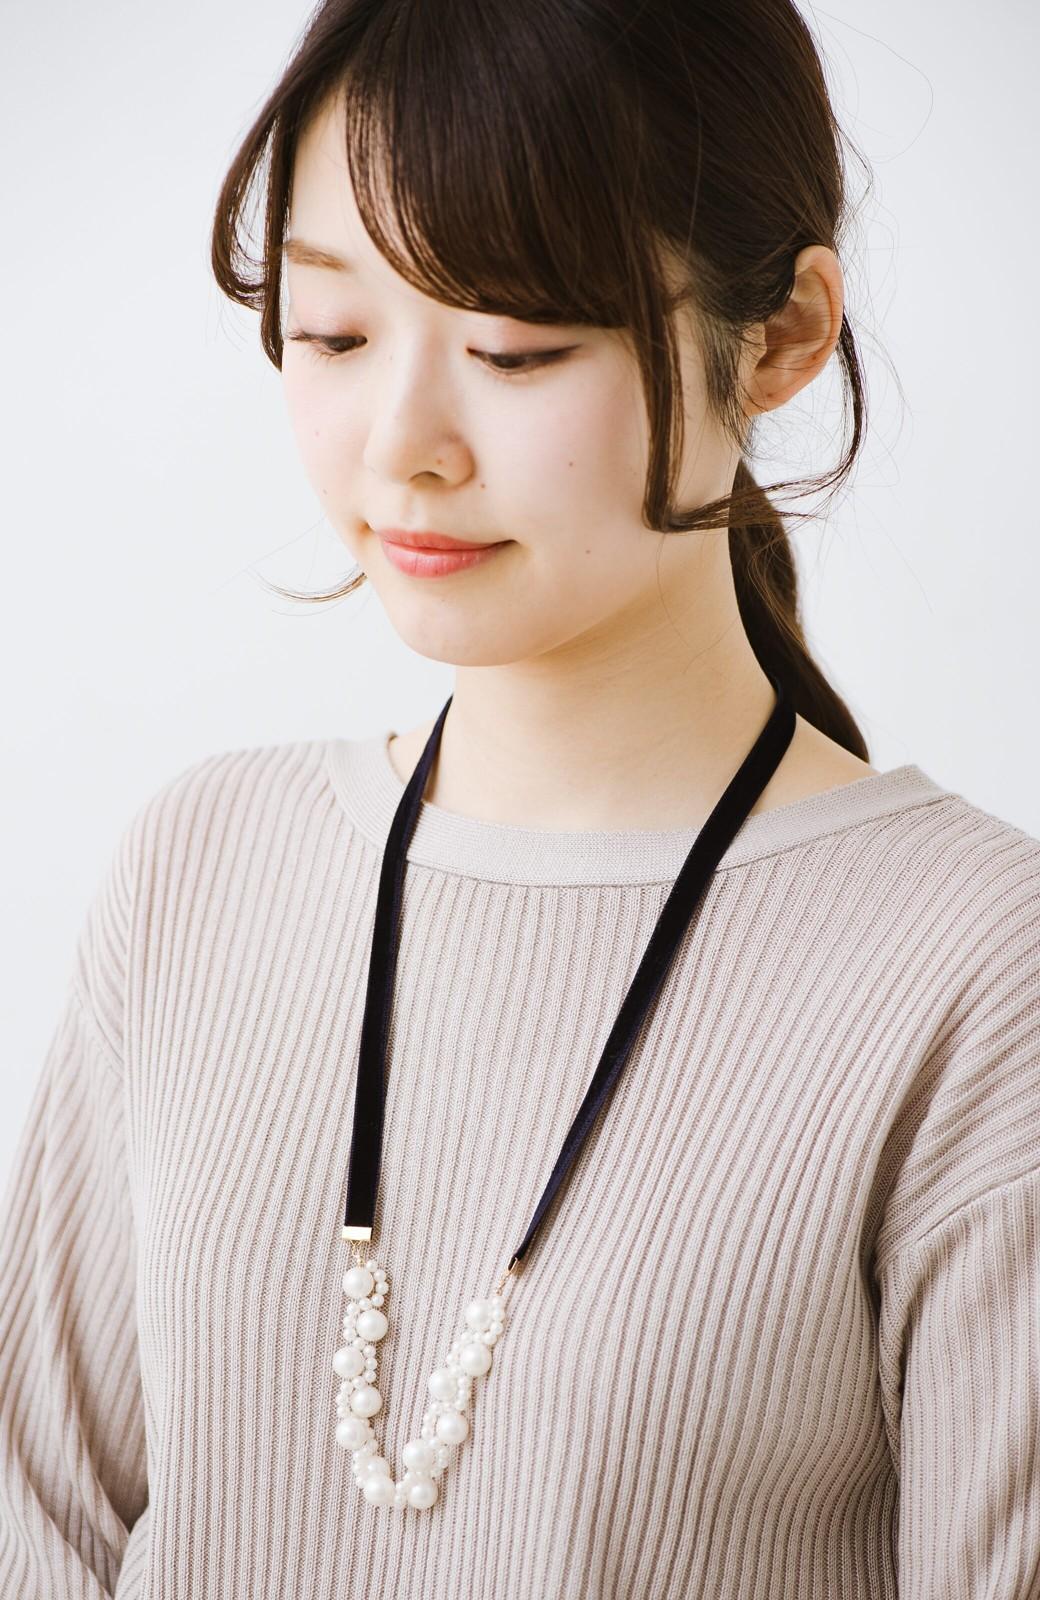 haco! ぱっとつけてぐっと華やぐ 結婚式にも便利なプラパールの編み込みネックレス <ネイビー>の商品写真3